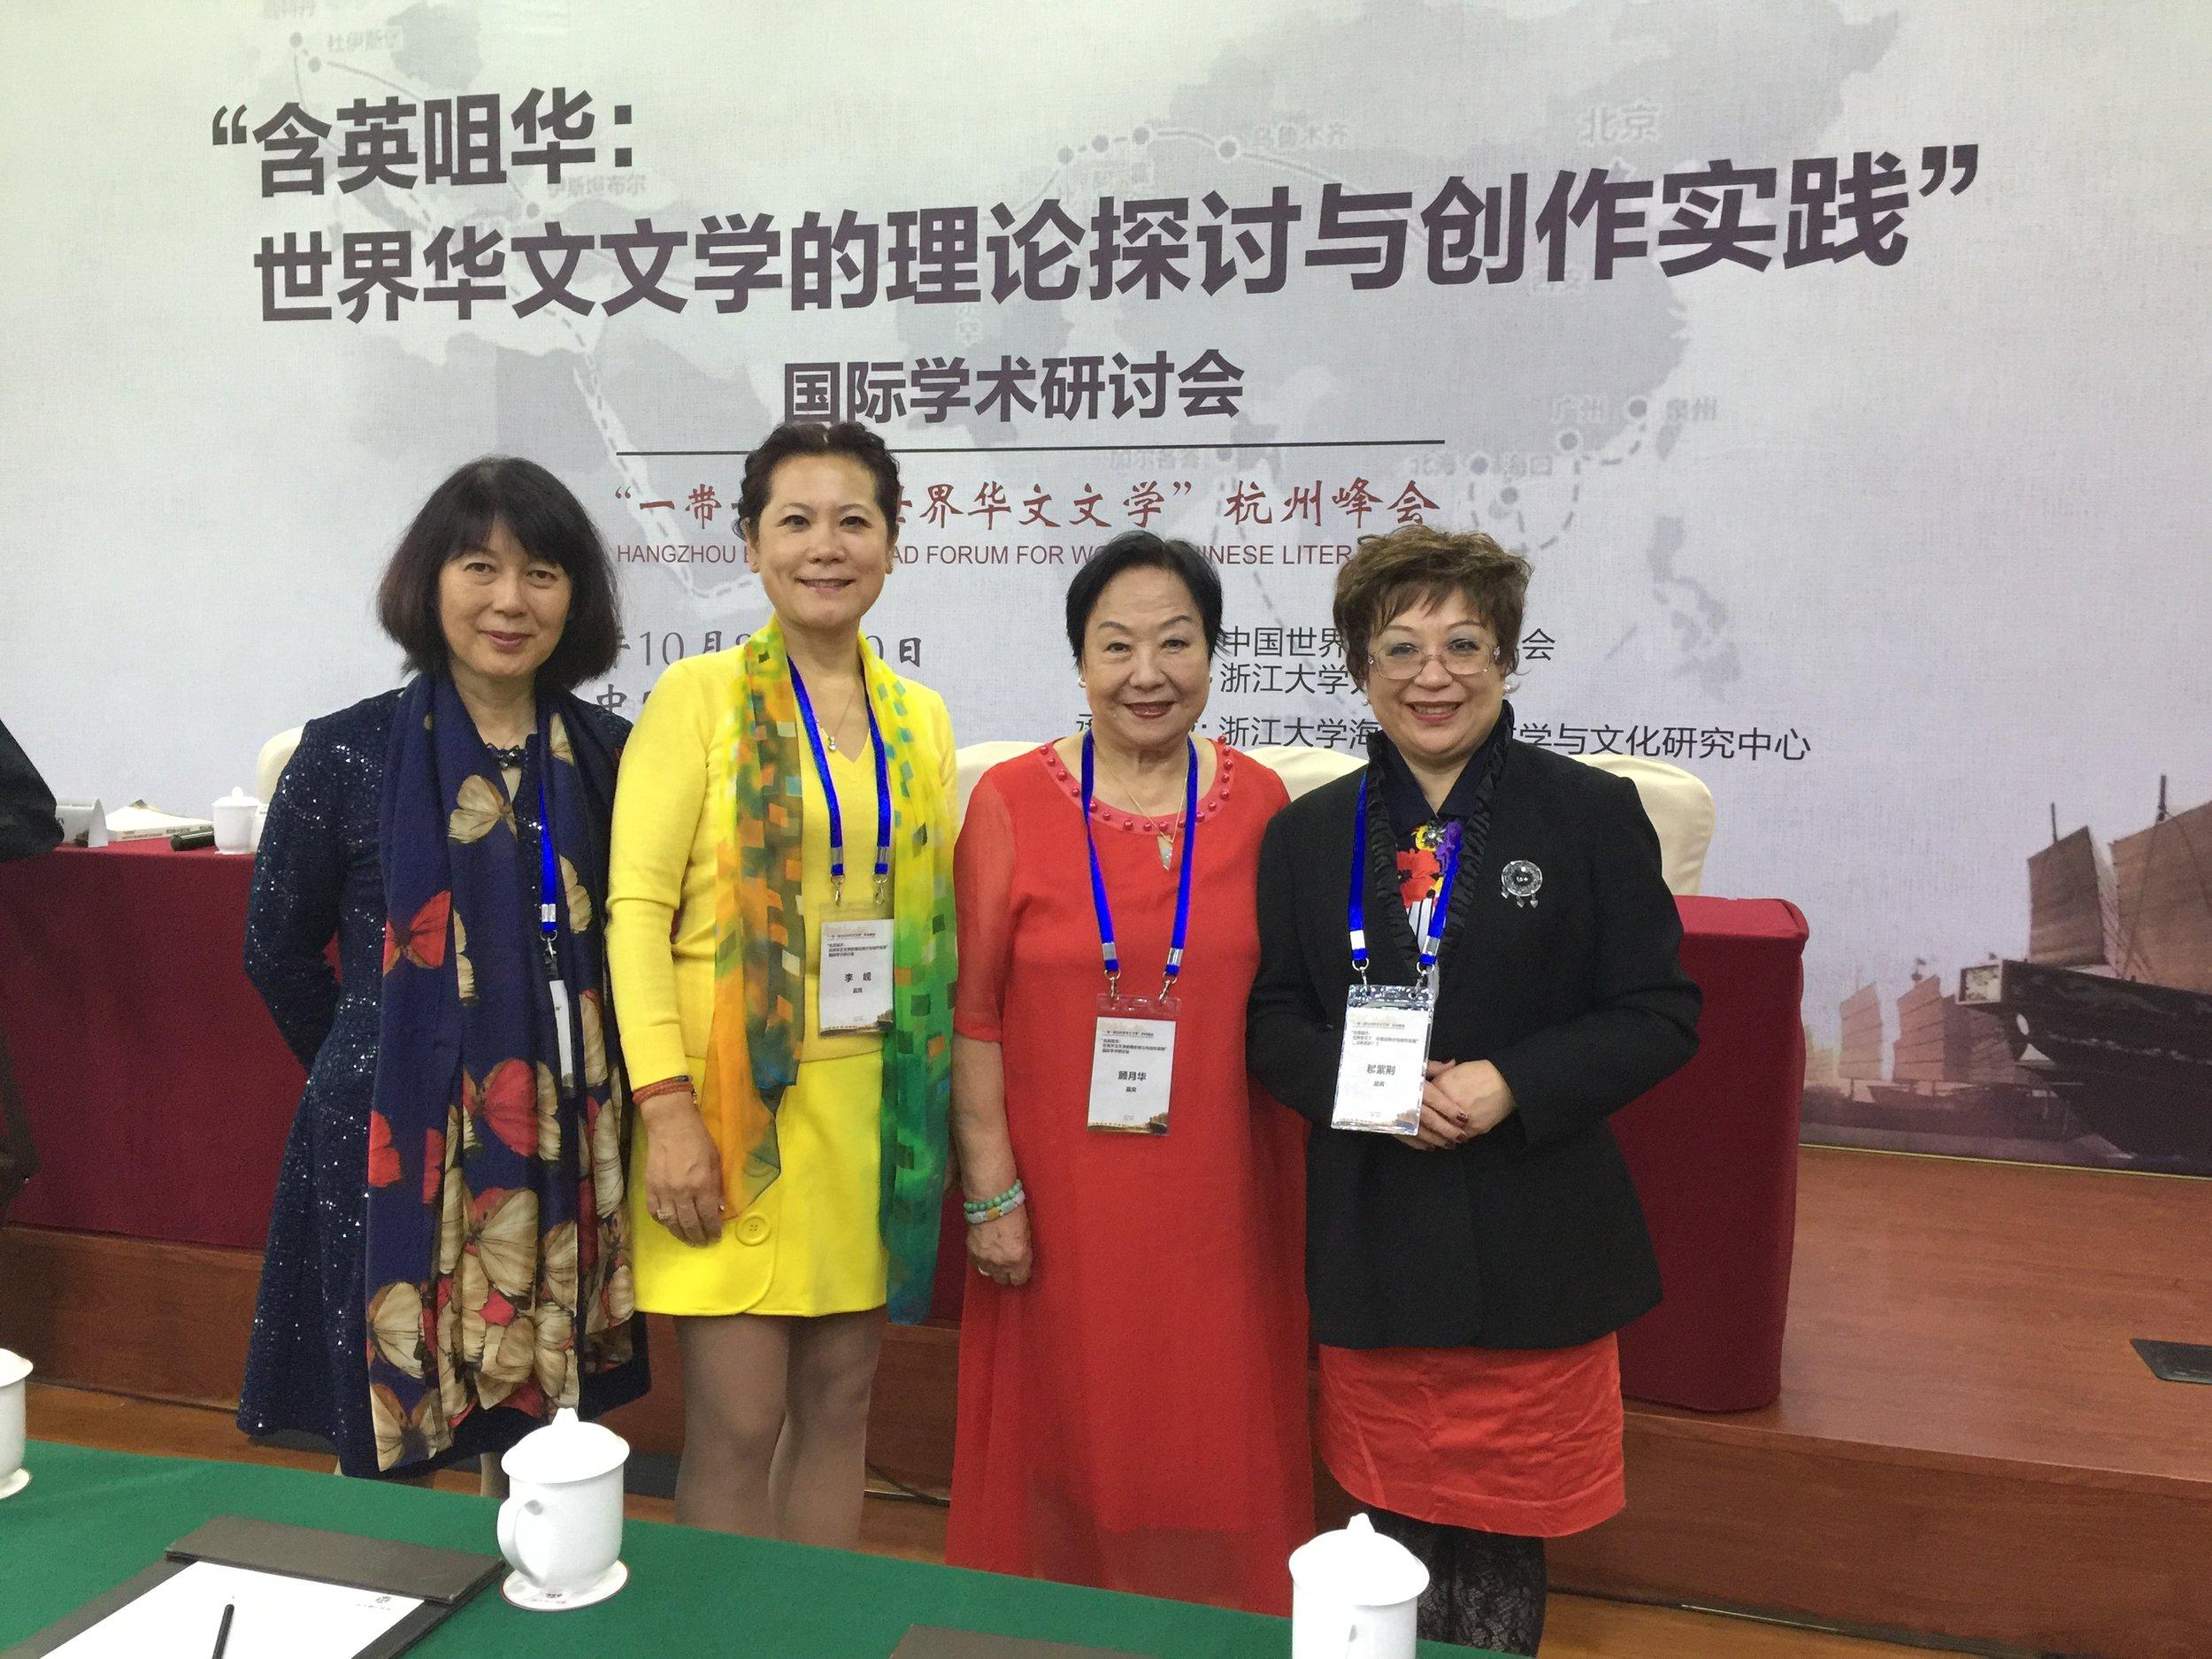 左起新西兰华文作家协会会长冯韵珂、美国中文作协主席李岘、纽约华文女作家协会会长顾月华、德国华文作家穆紫荆。